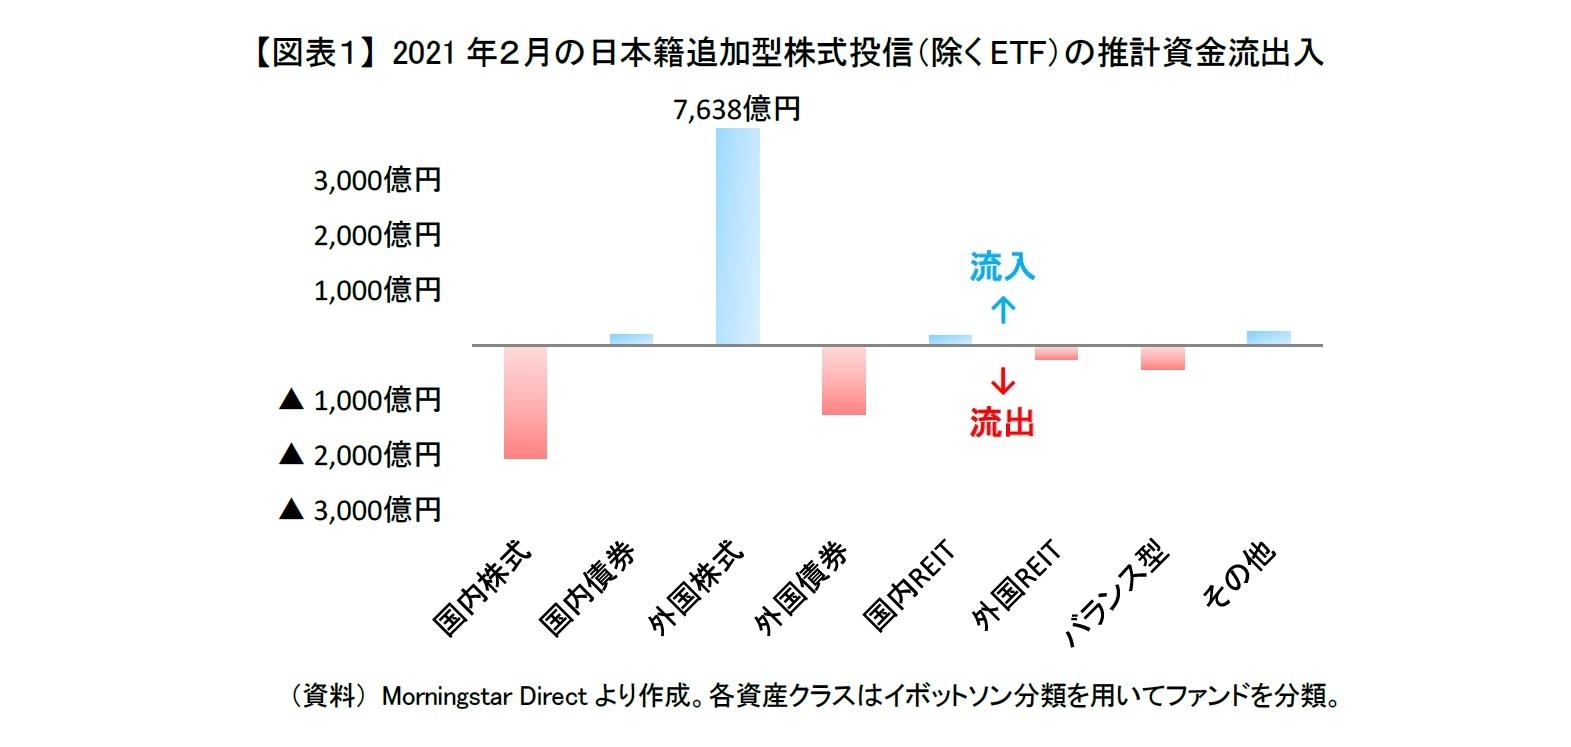 【図表1】 2021年2月の日本籍追加型株式投信(除くETF)の推計資金流出入